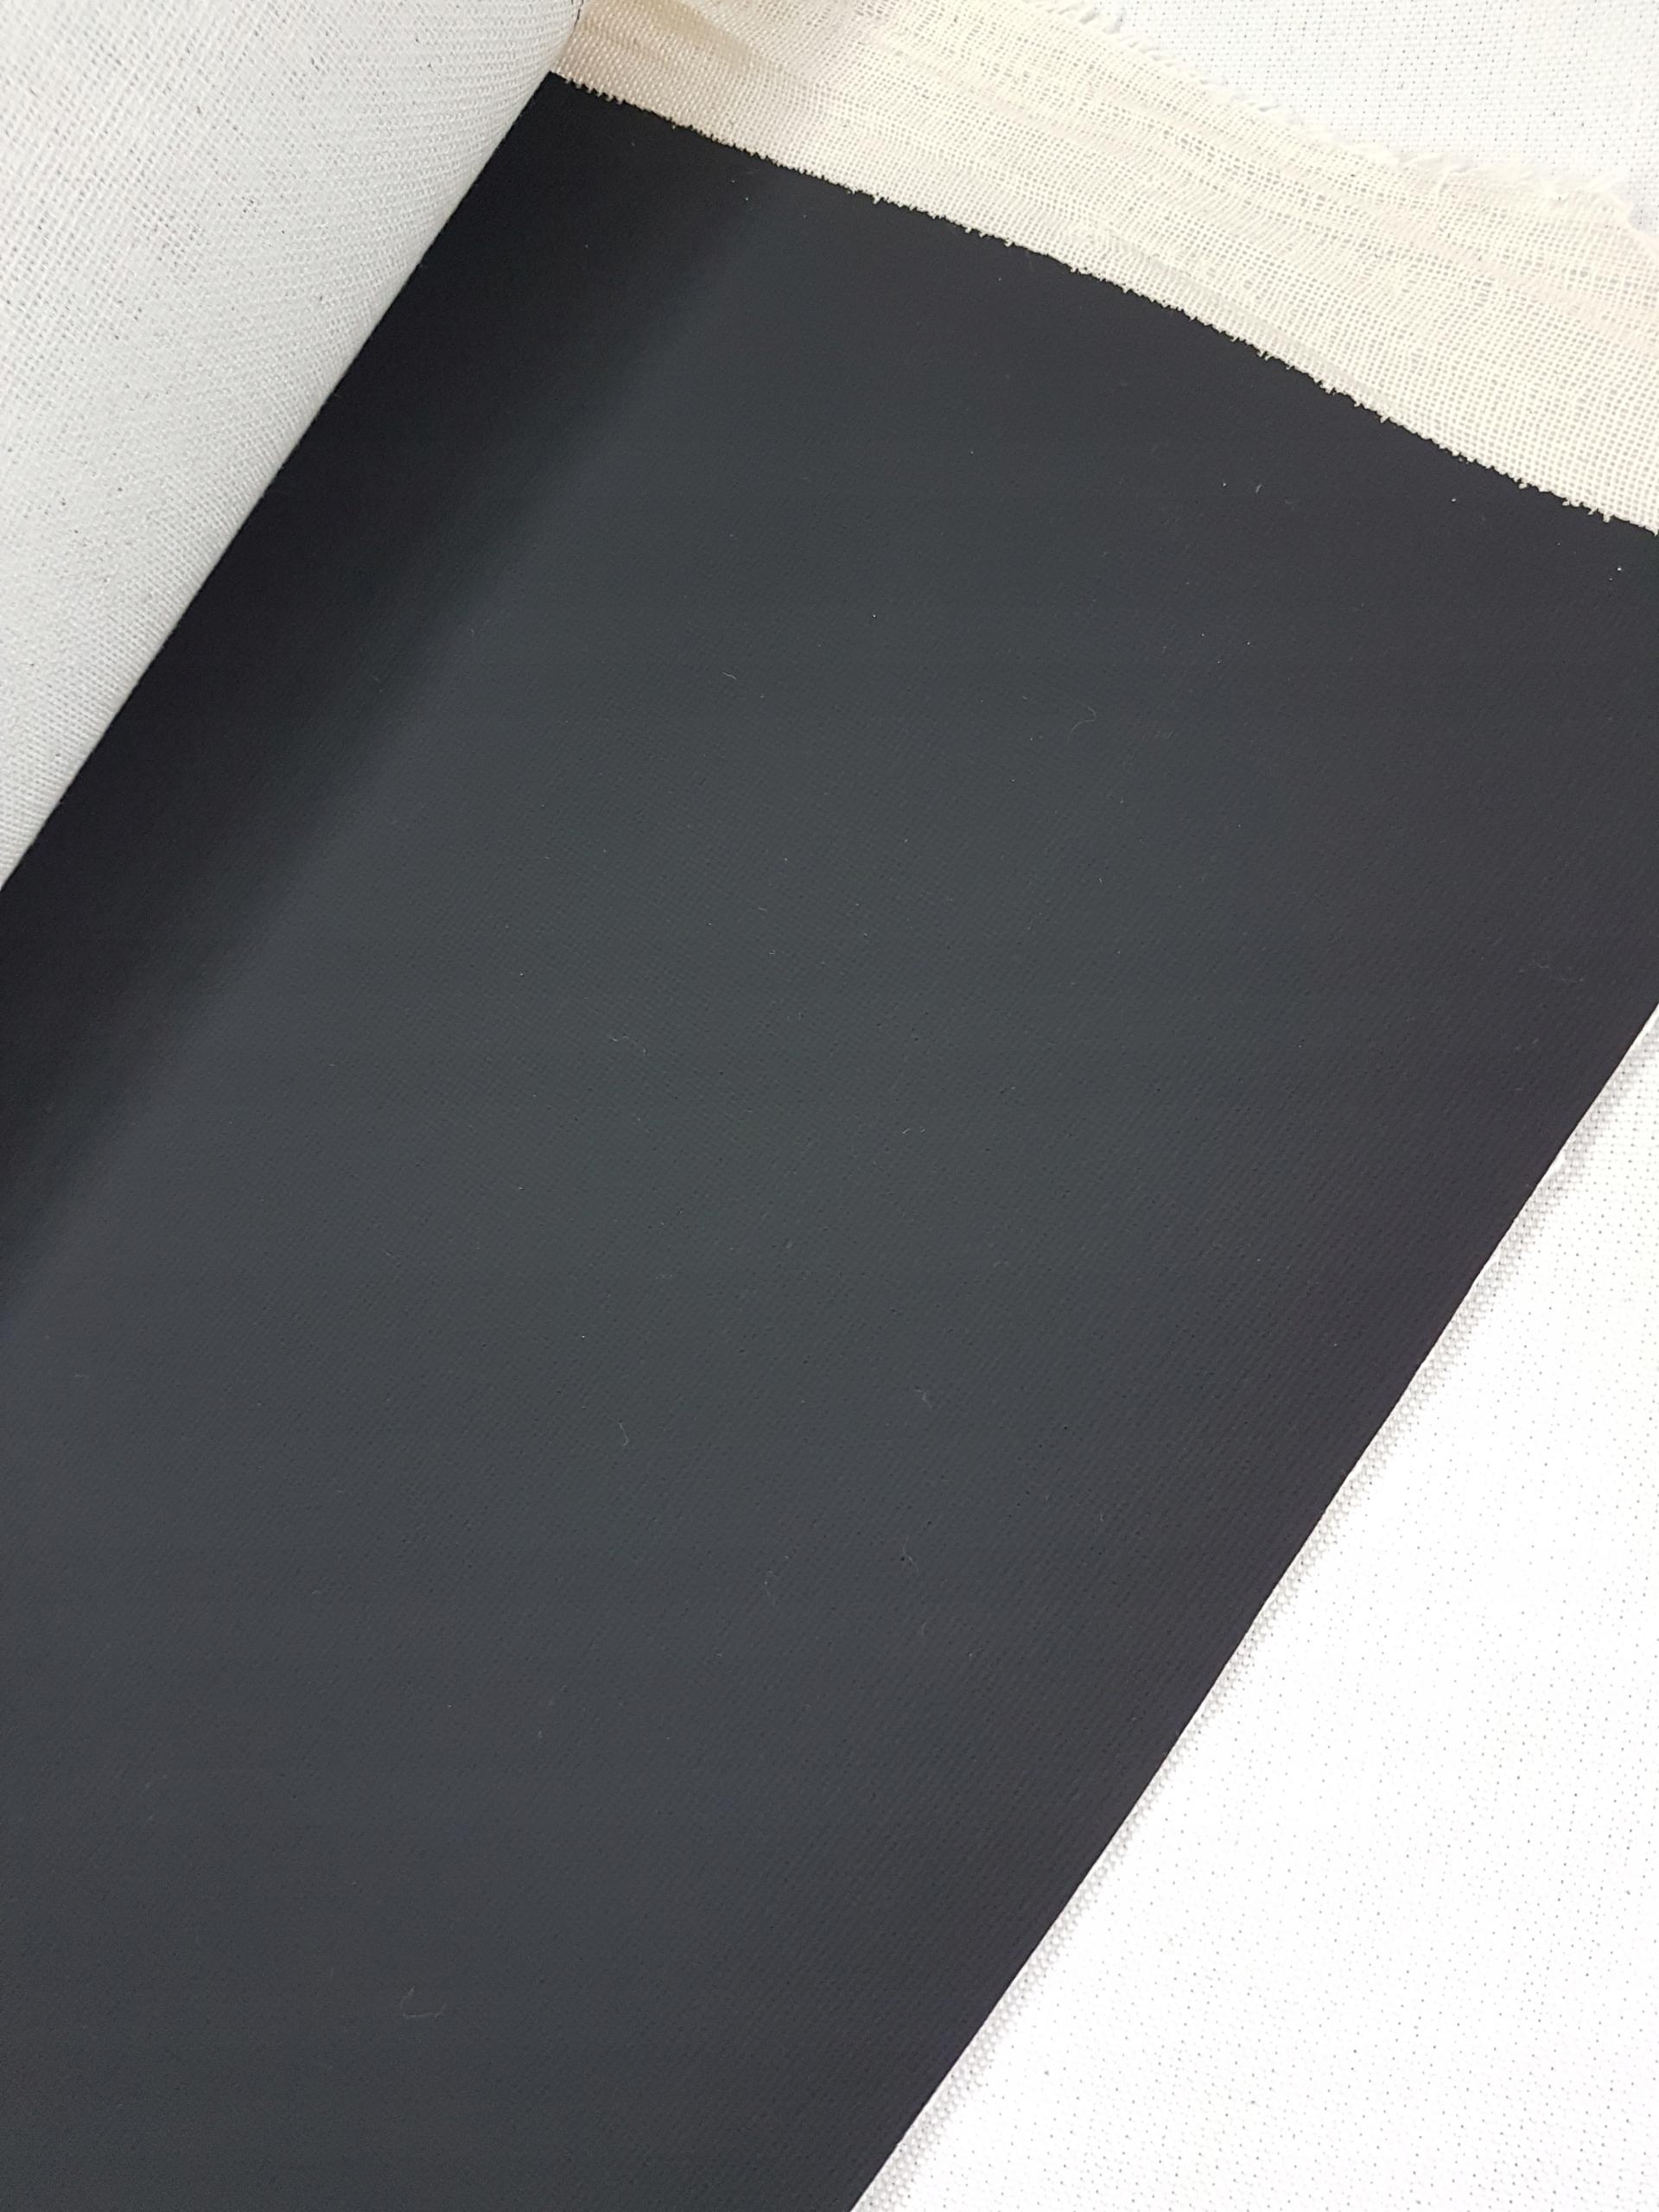 Черная грунтованная хлопковая канва 210 см на метр